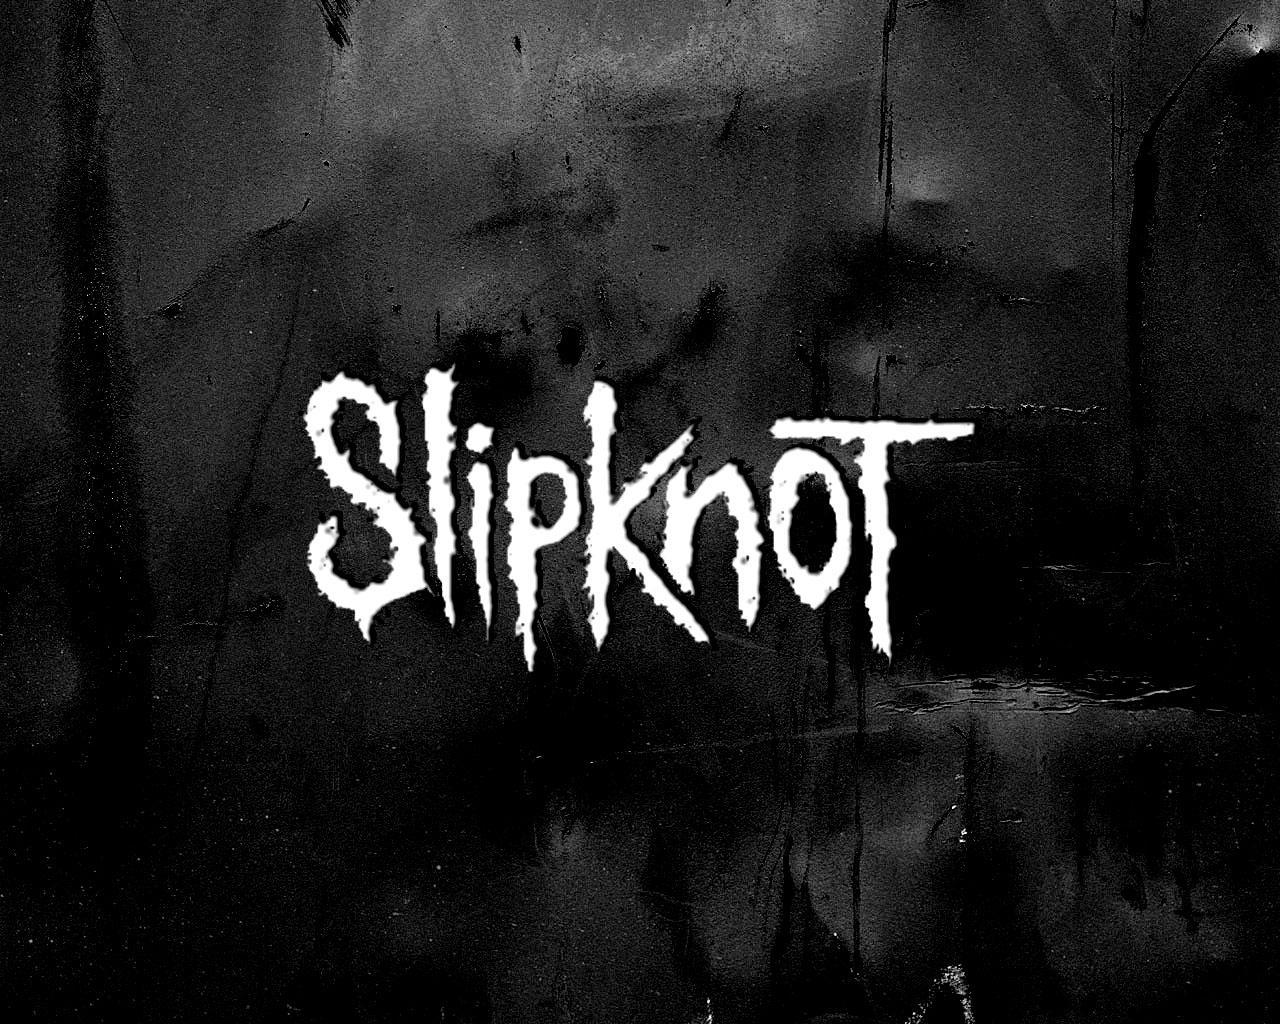 スリップノットの壁ロゴ